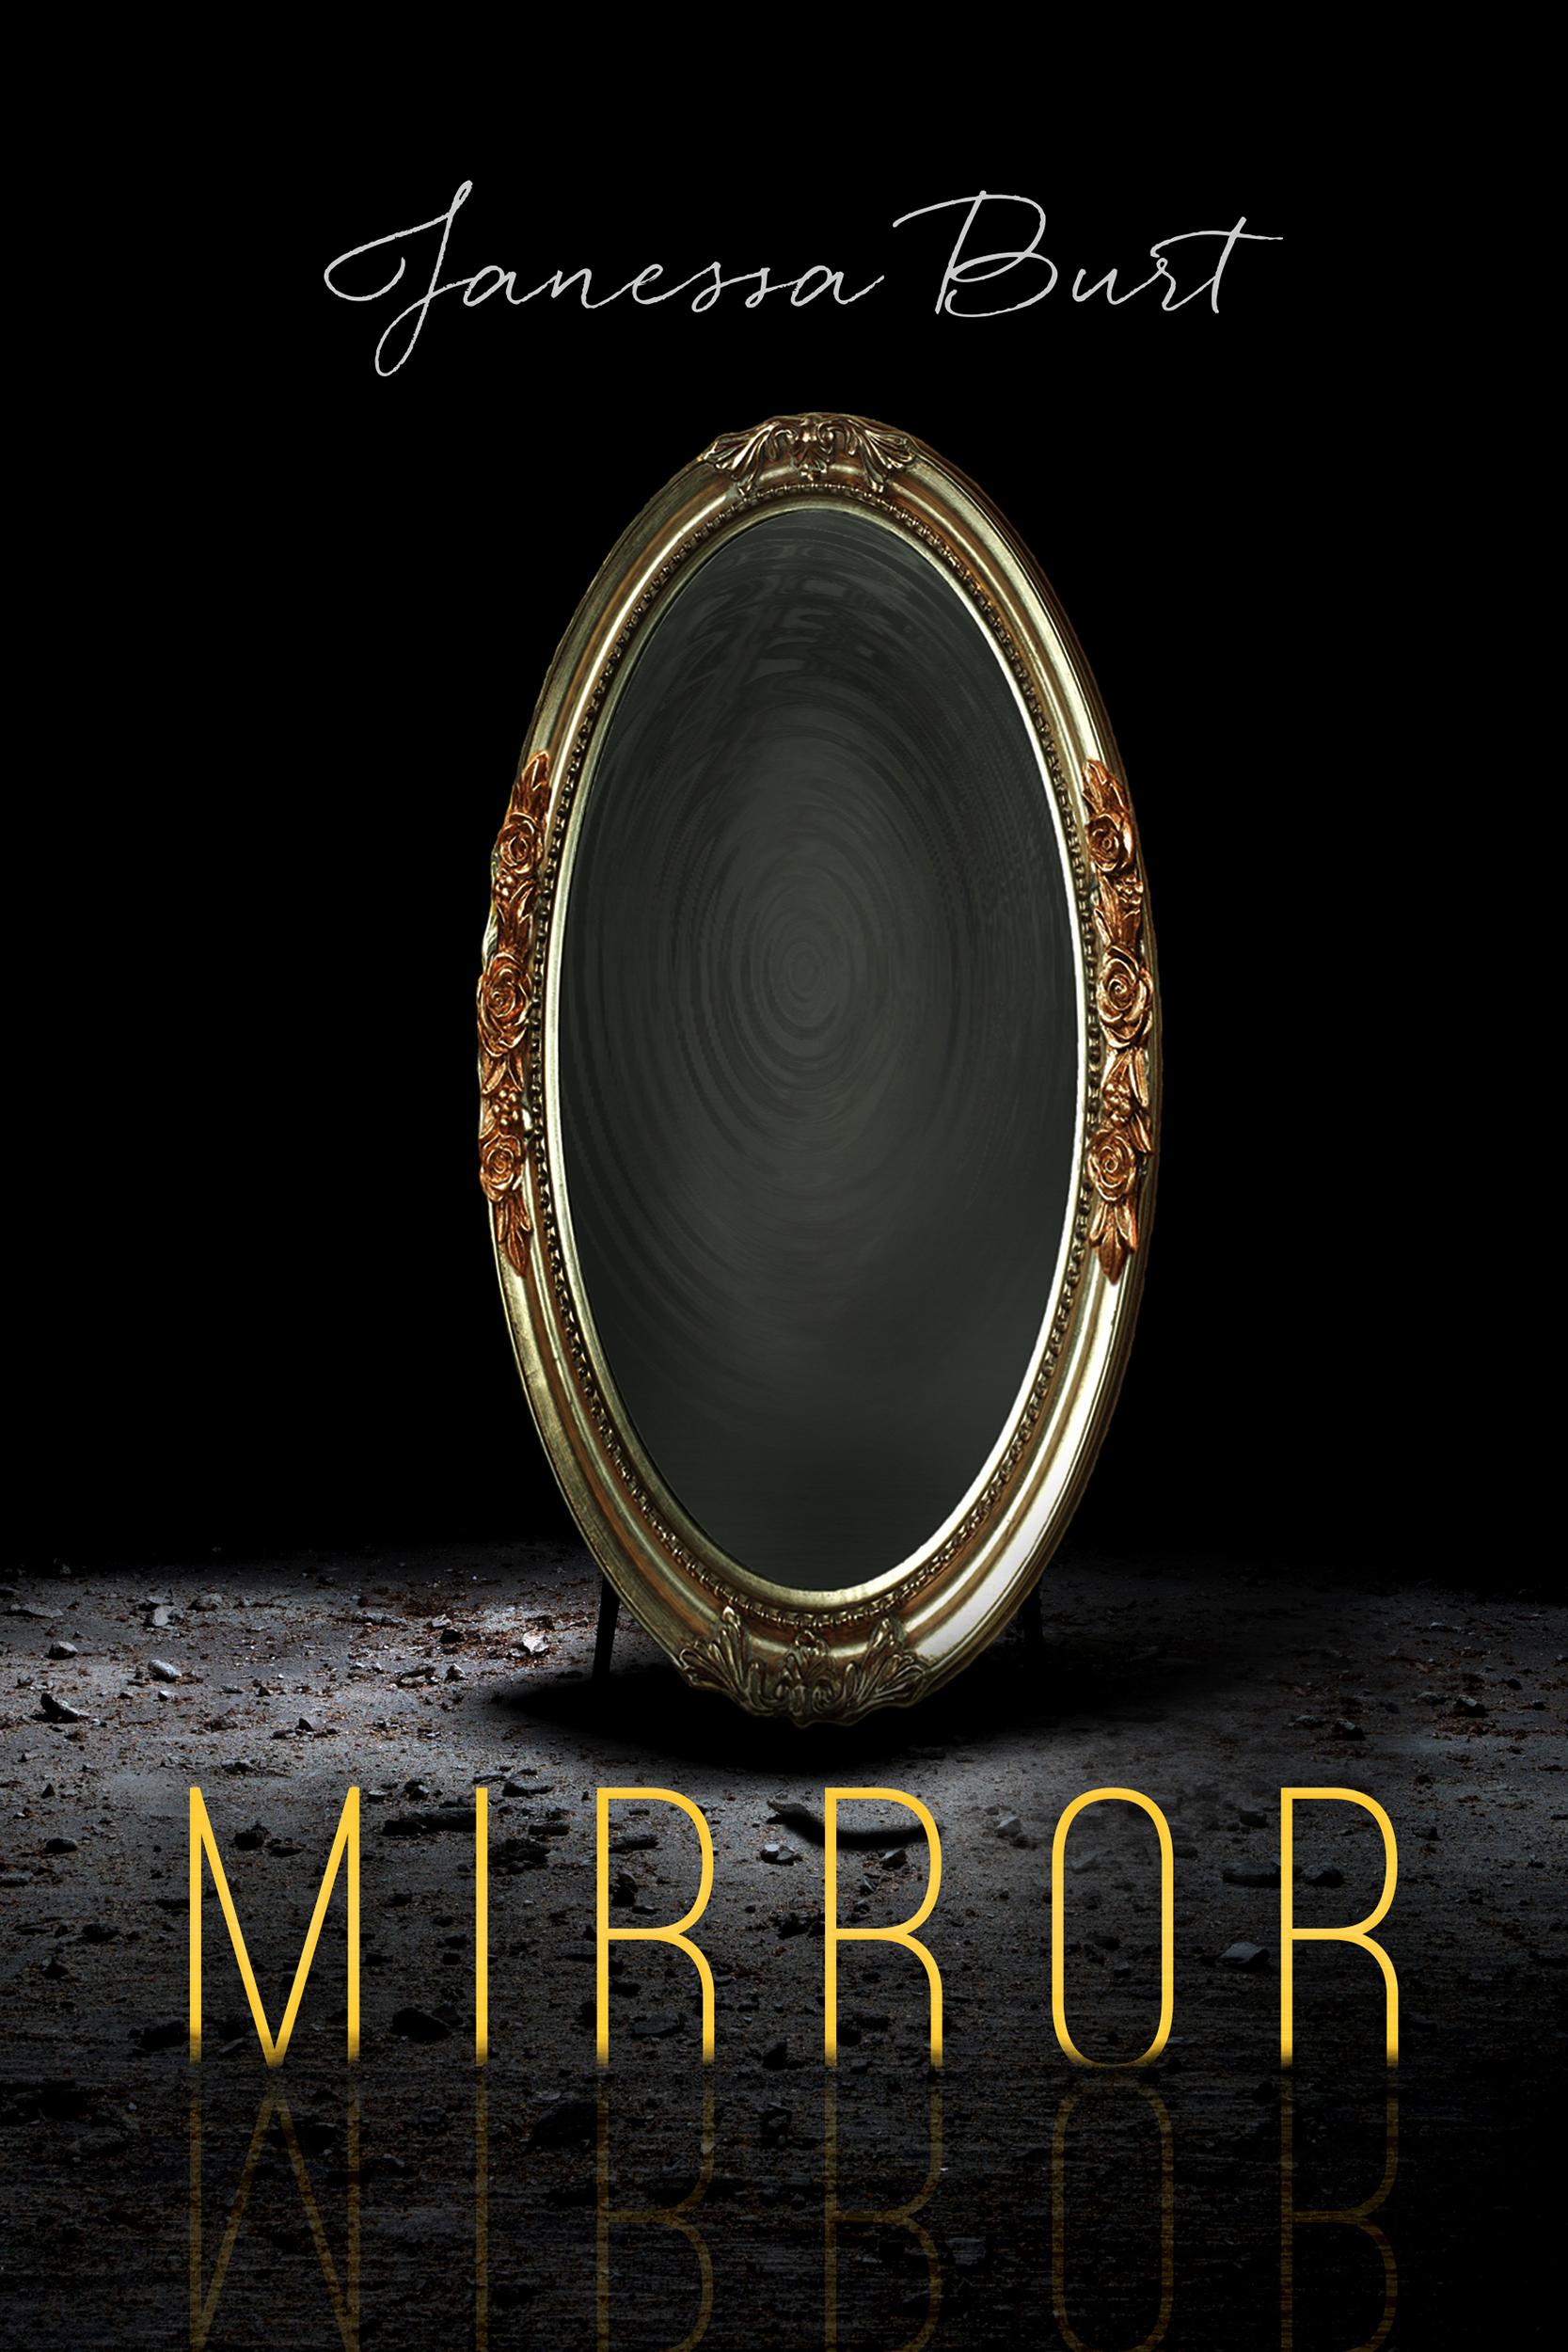 Mirror Janessa Burt